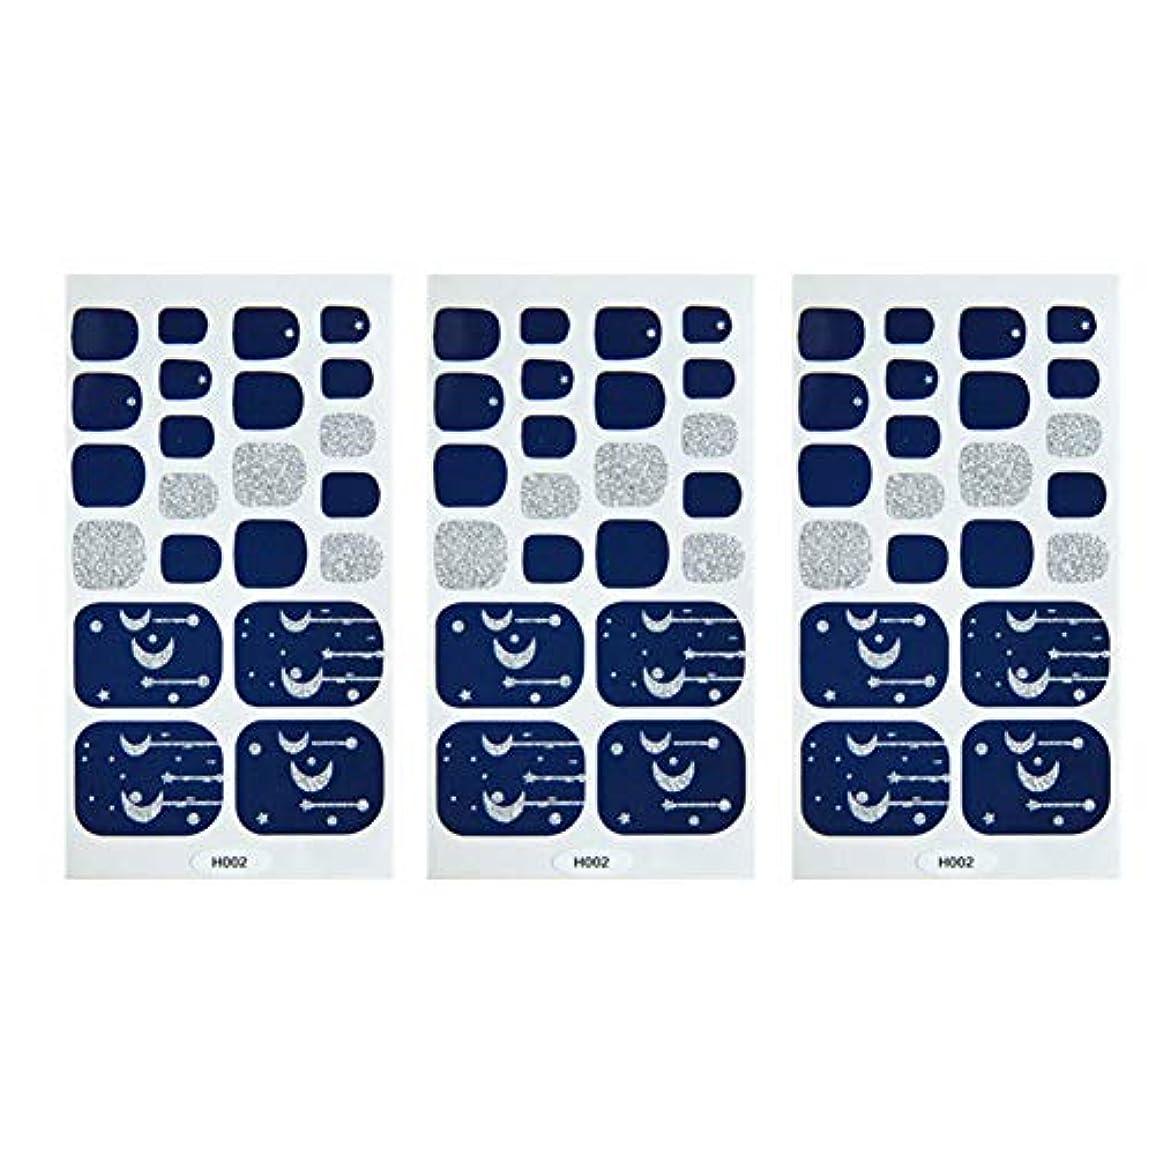 デッドロックオプション恵みPoonikuuネイルチップ ネイルシール ネイルステッカー ネイルアクセサリー 足爪 月柄のある 貼るだけアマチュア使いやすい レディース 美しさ可愛い人気のある 安全便利簡単 3枚セット sytle3